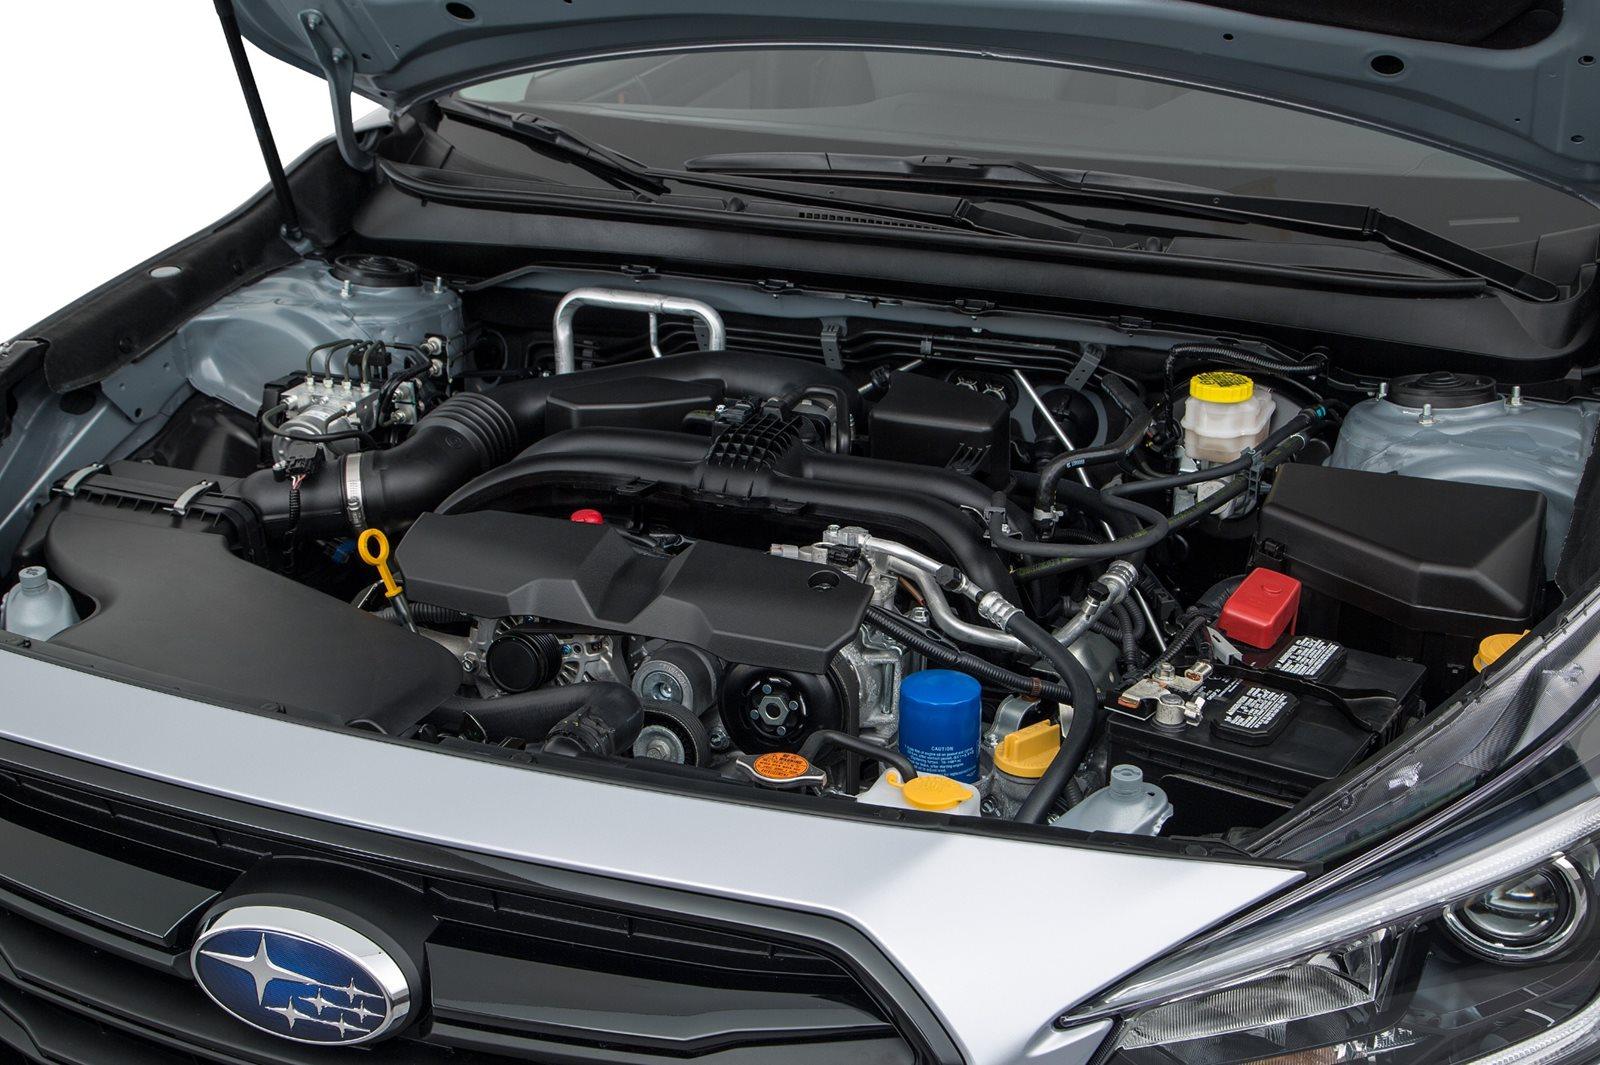 2018-2020 Subaru Legacy Engine Bay